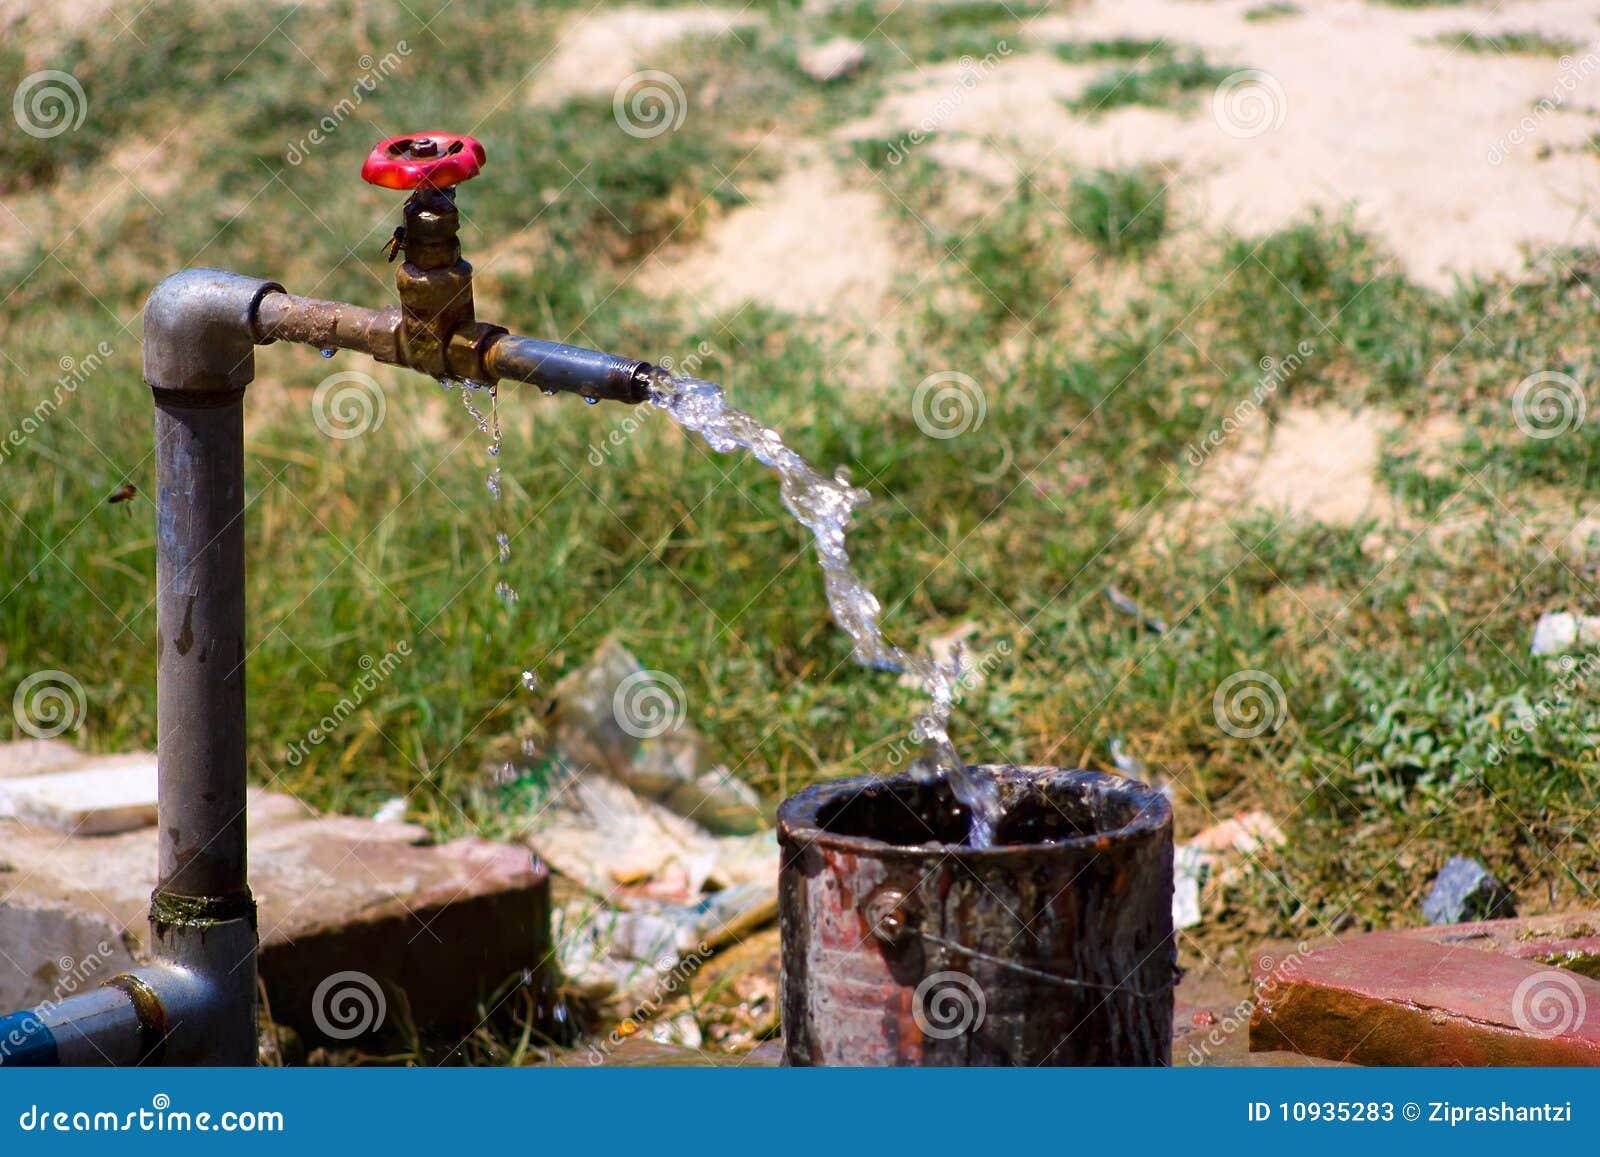 старая вода из крана